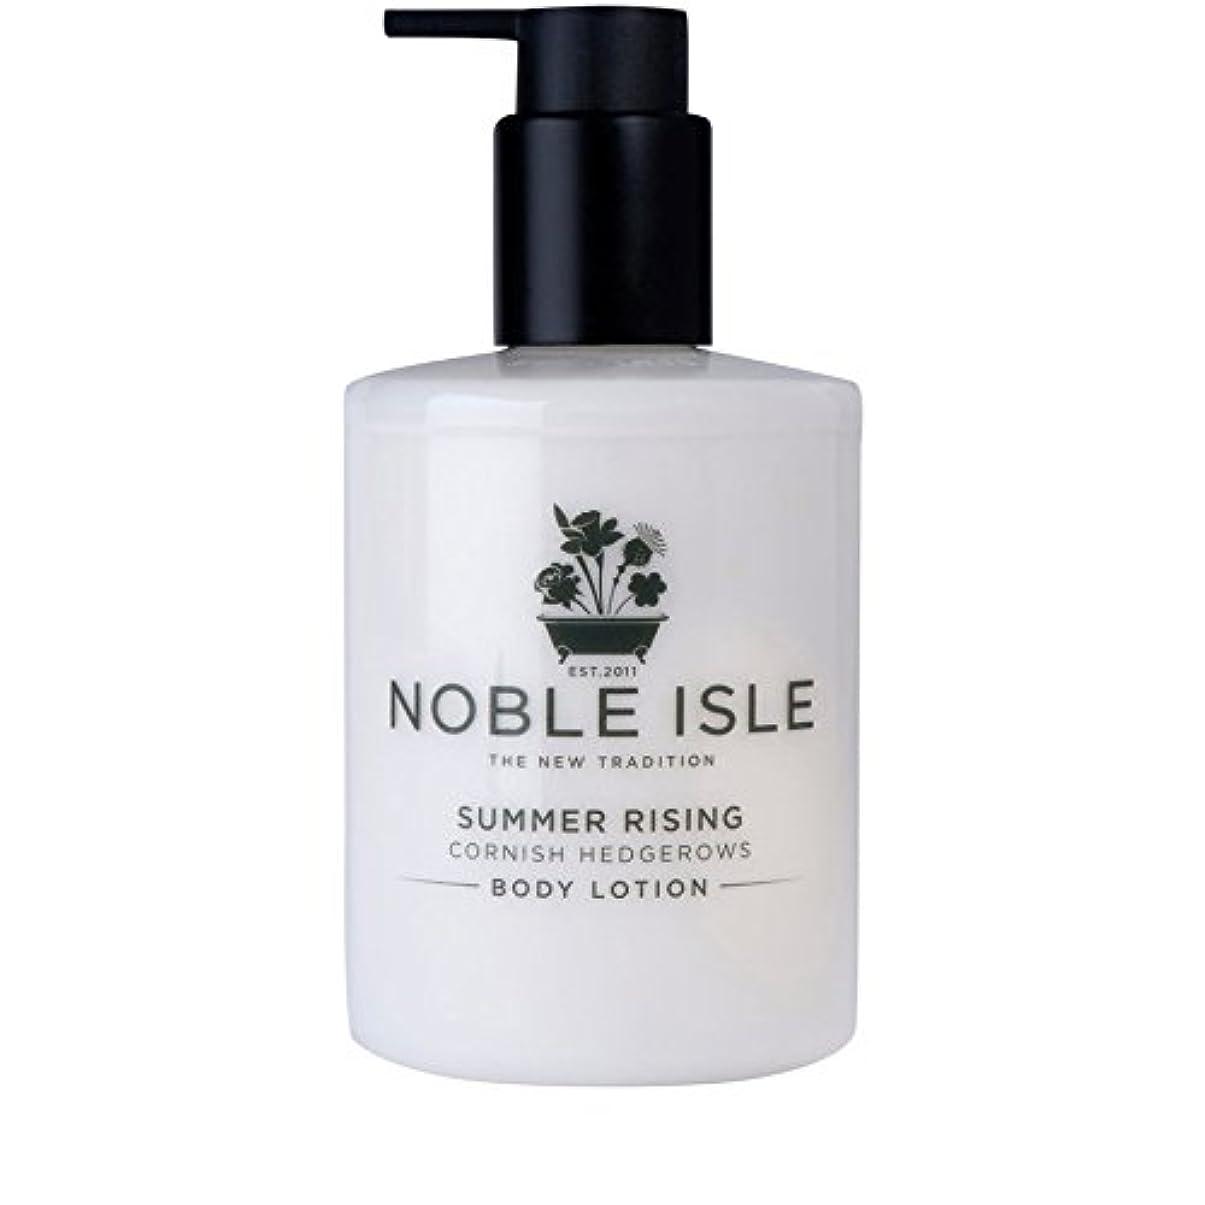 心のこもった通行料金長々とコーニッシュ生け垣ボディローション250ミリリットルを上昇高貴な島の夏 x2 - Noble Isle Summer Rising Cornish Hedgerows Body Lotion 250ml (Pack of...